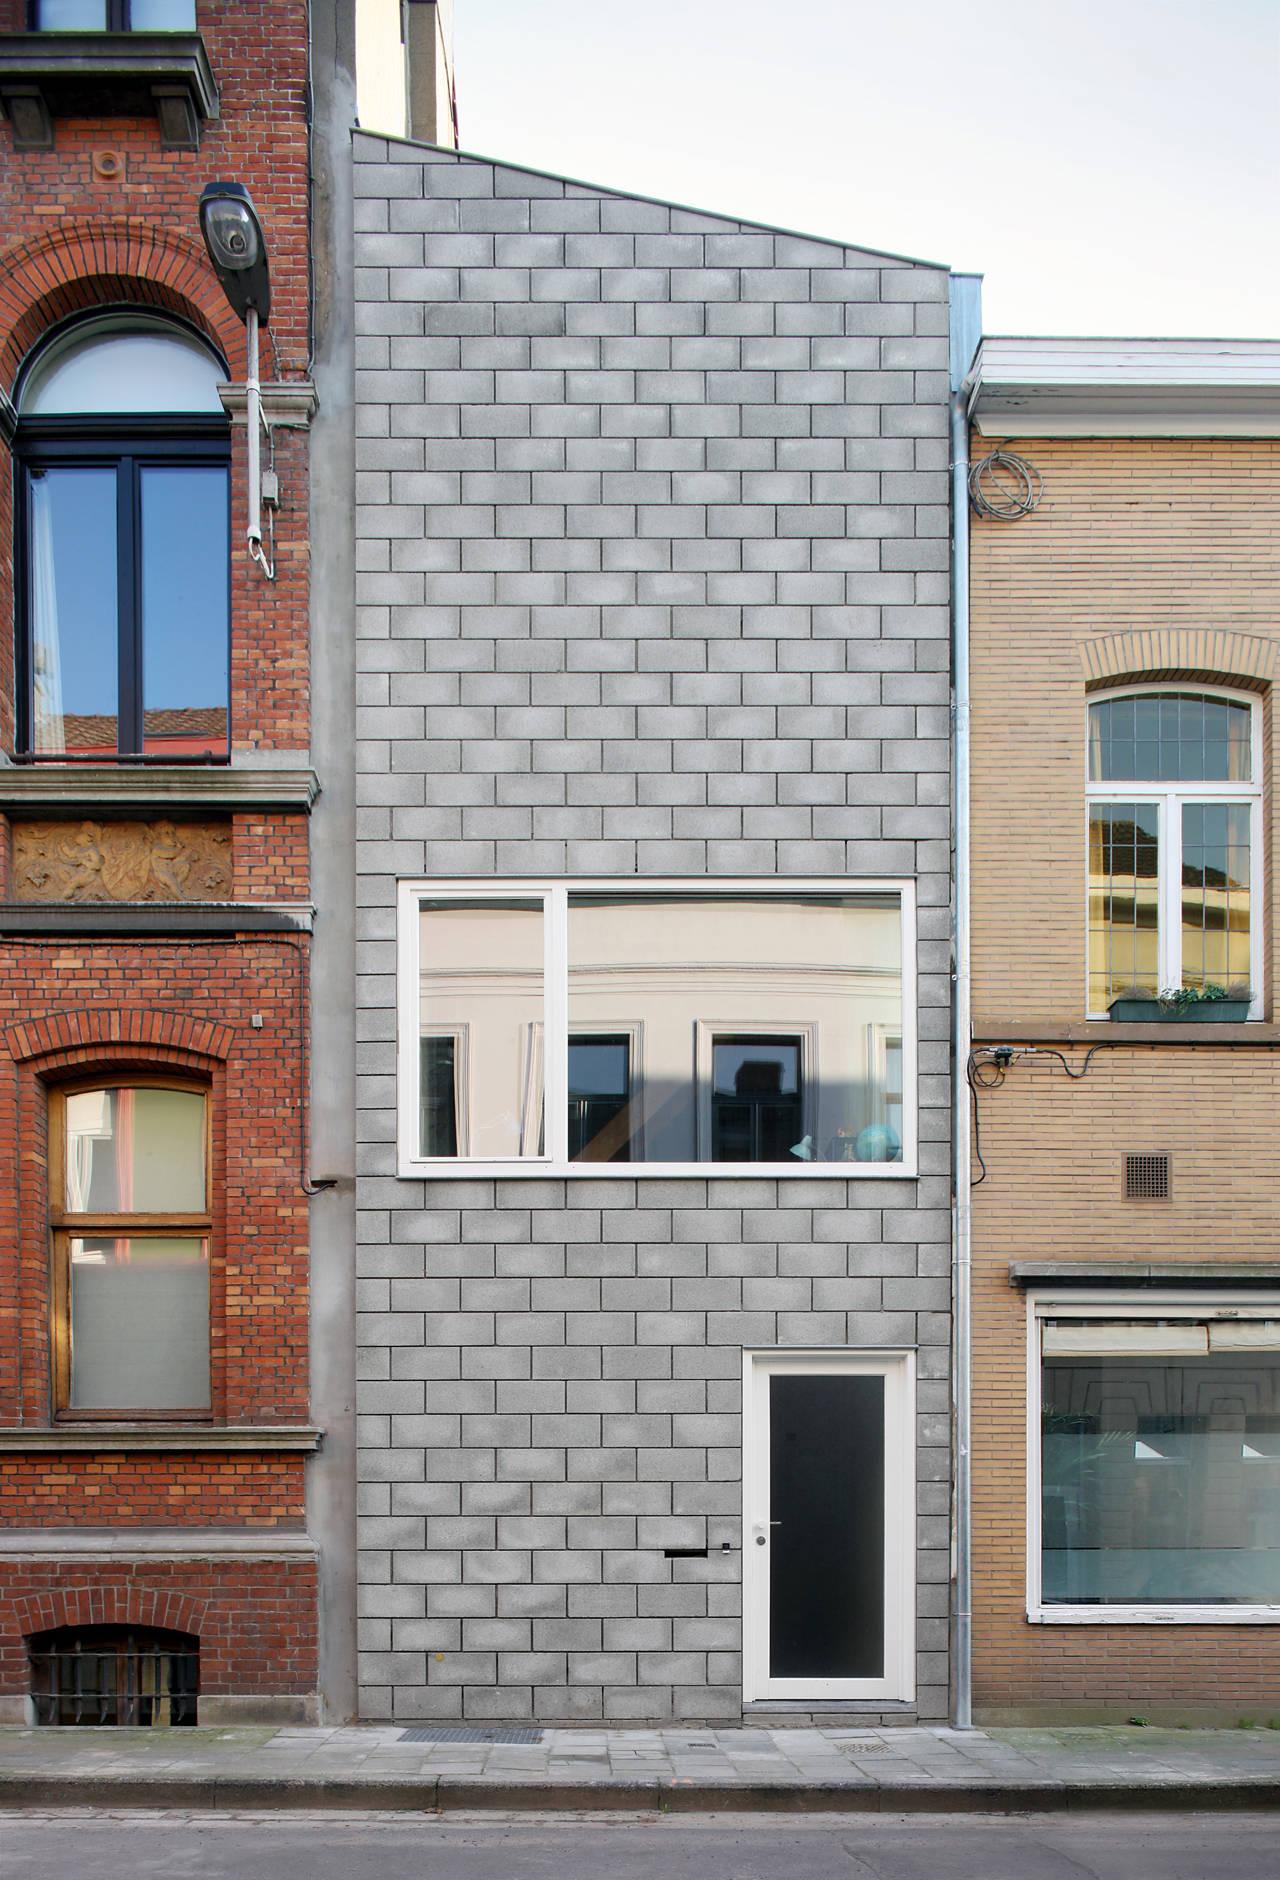 Casa 12k / Dierendonck Blancke Architecten, © Filip Dujardin